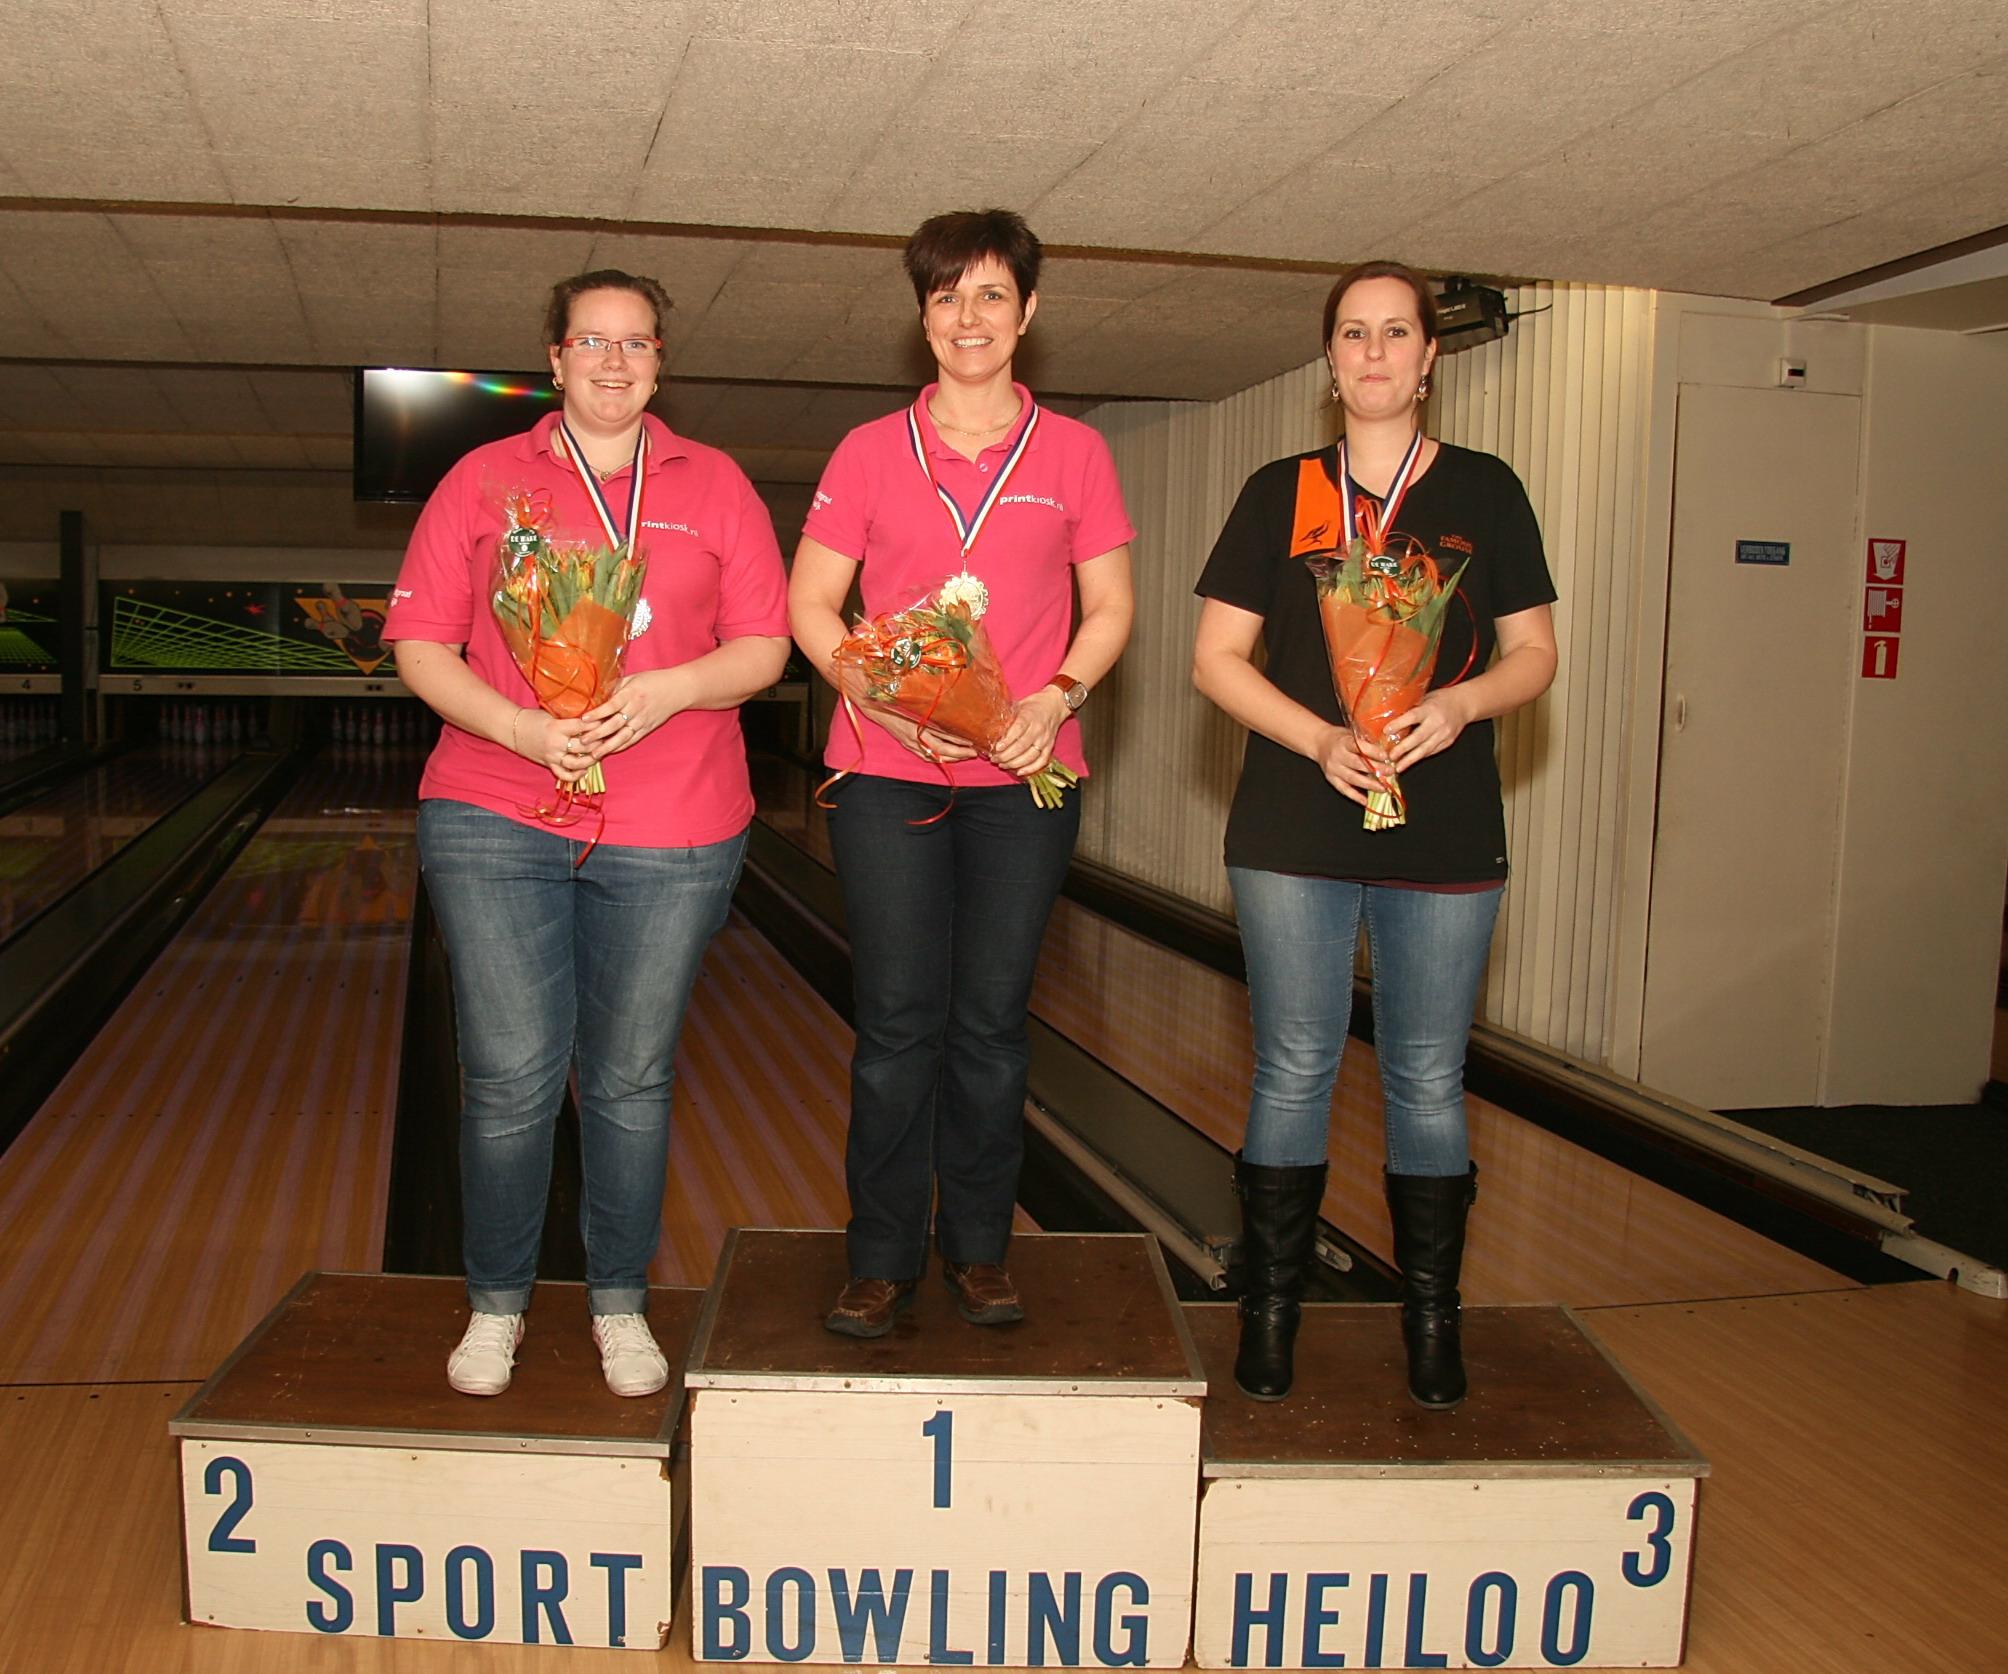 http://www.bowlingverenigingheiloo.nl/fotos_verhalen/foto's/2013_0214-Ver.kamp-Dames-A.jpg